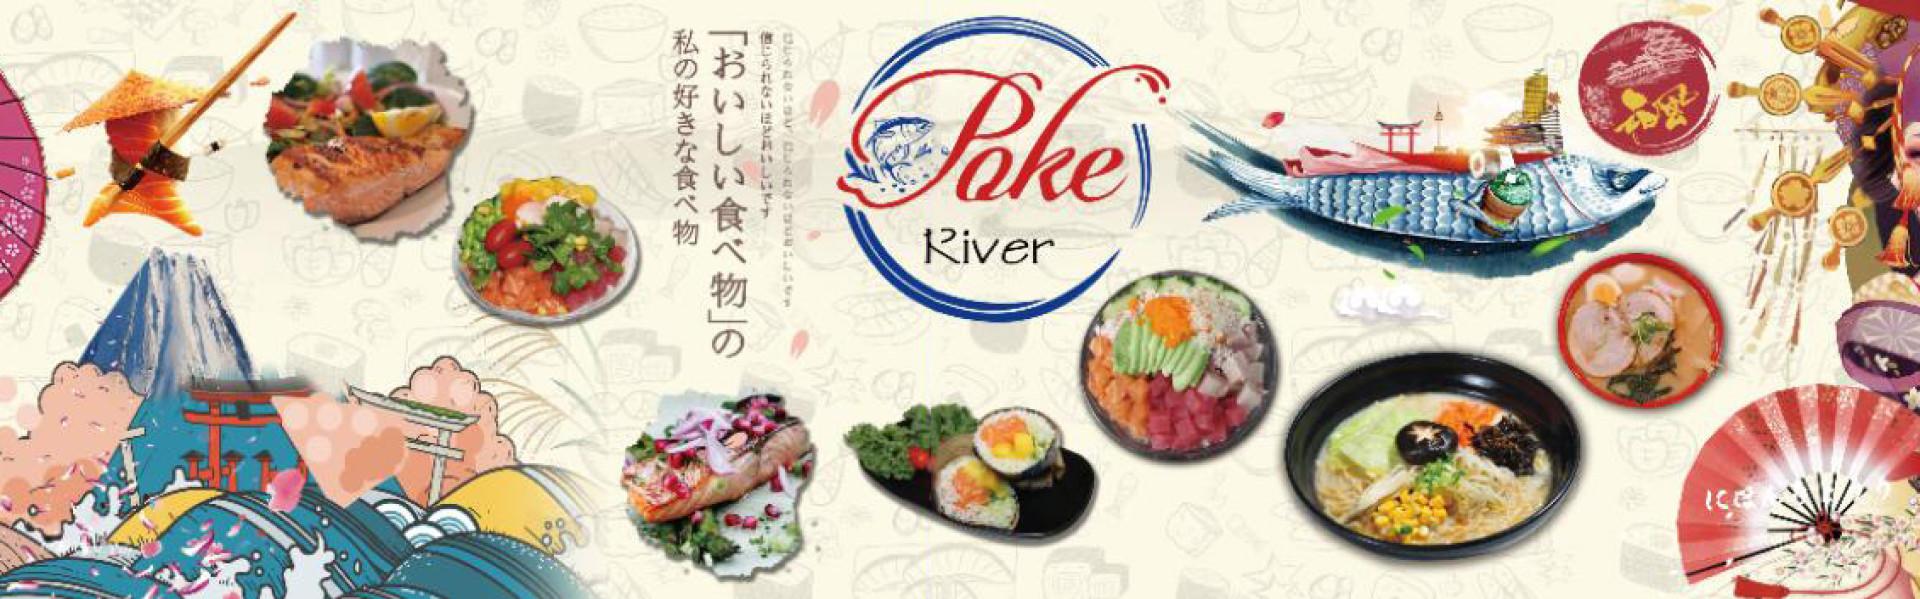 Poke River